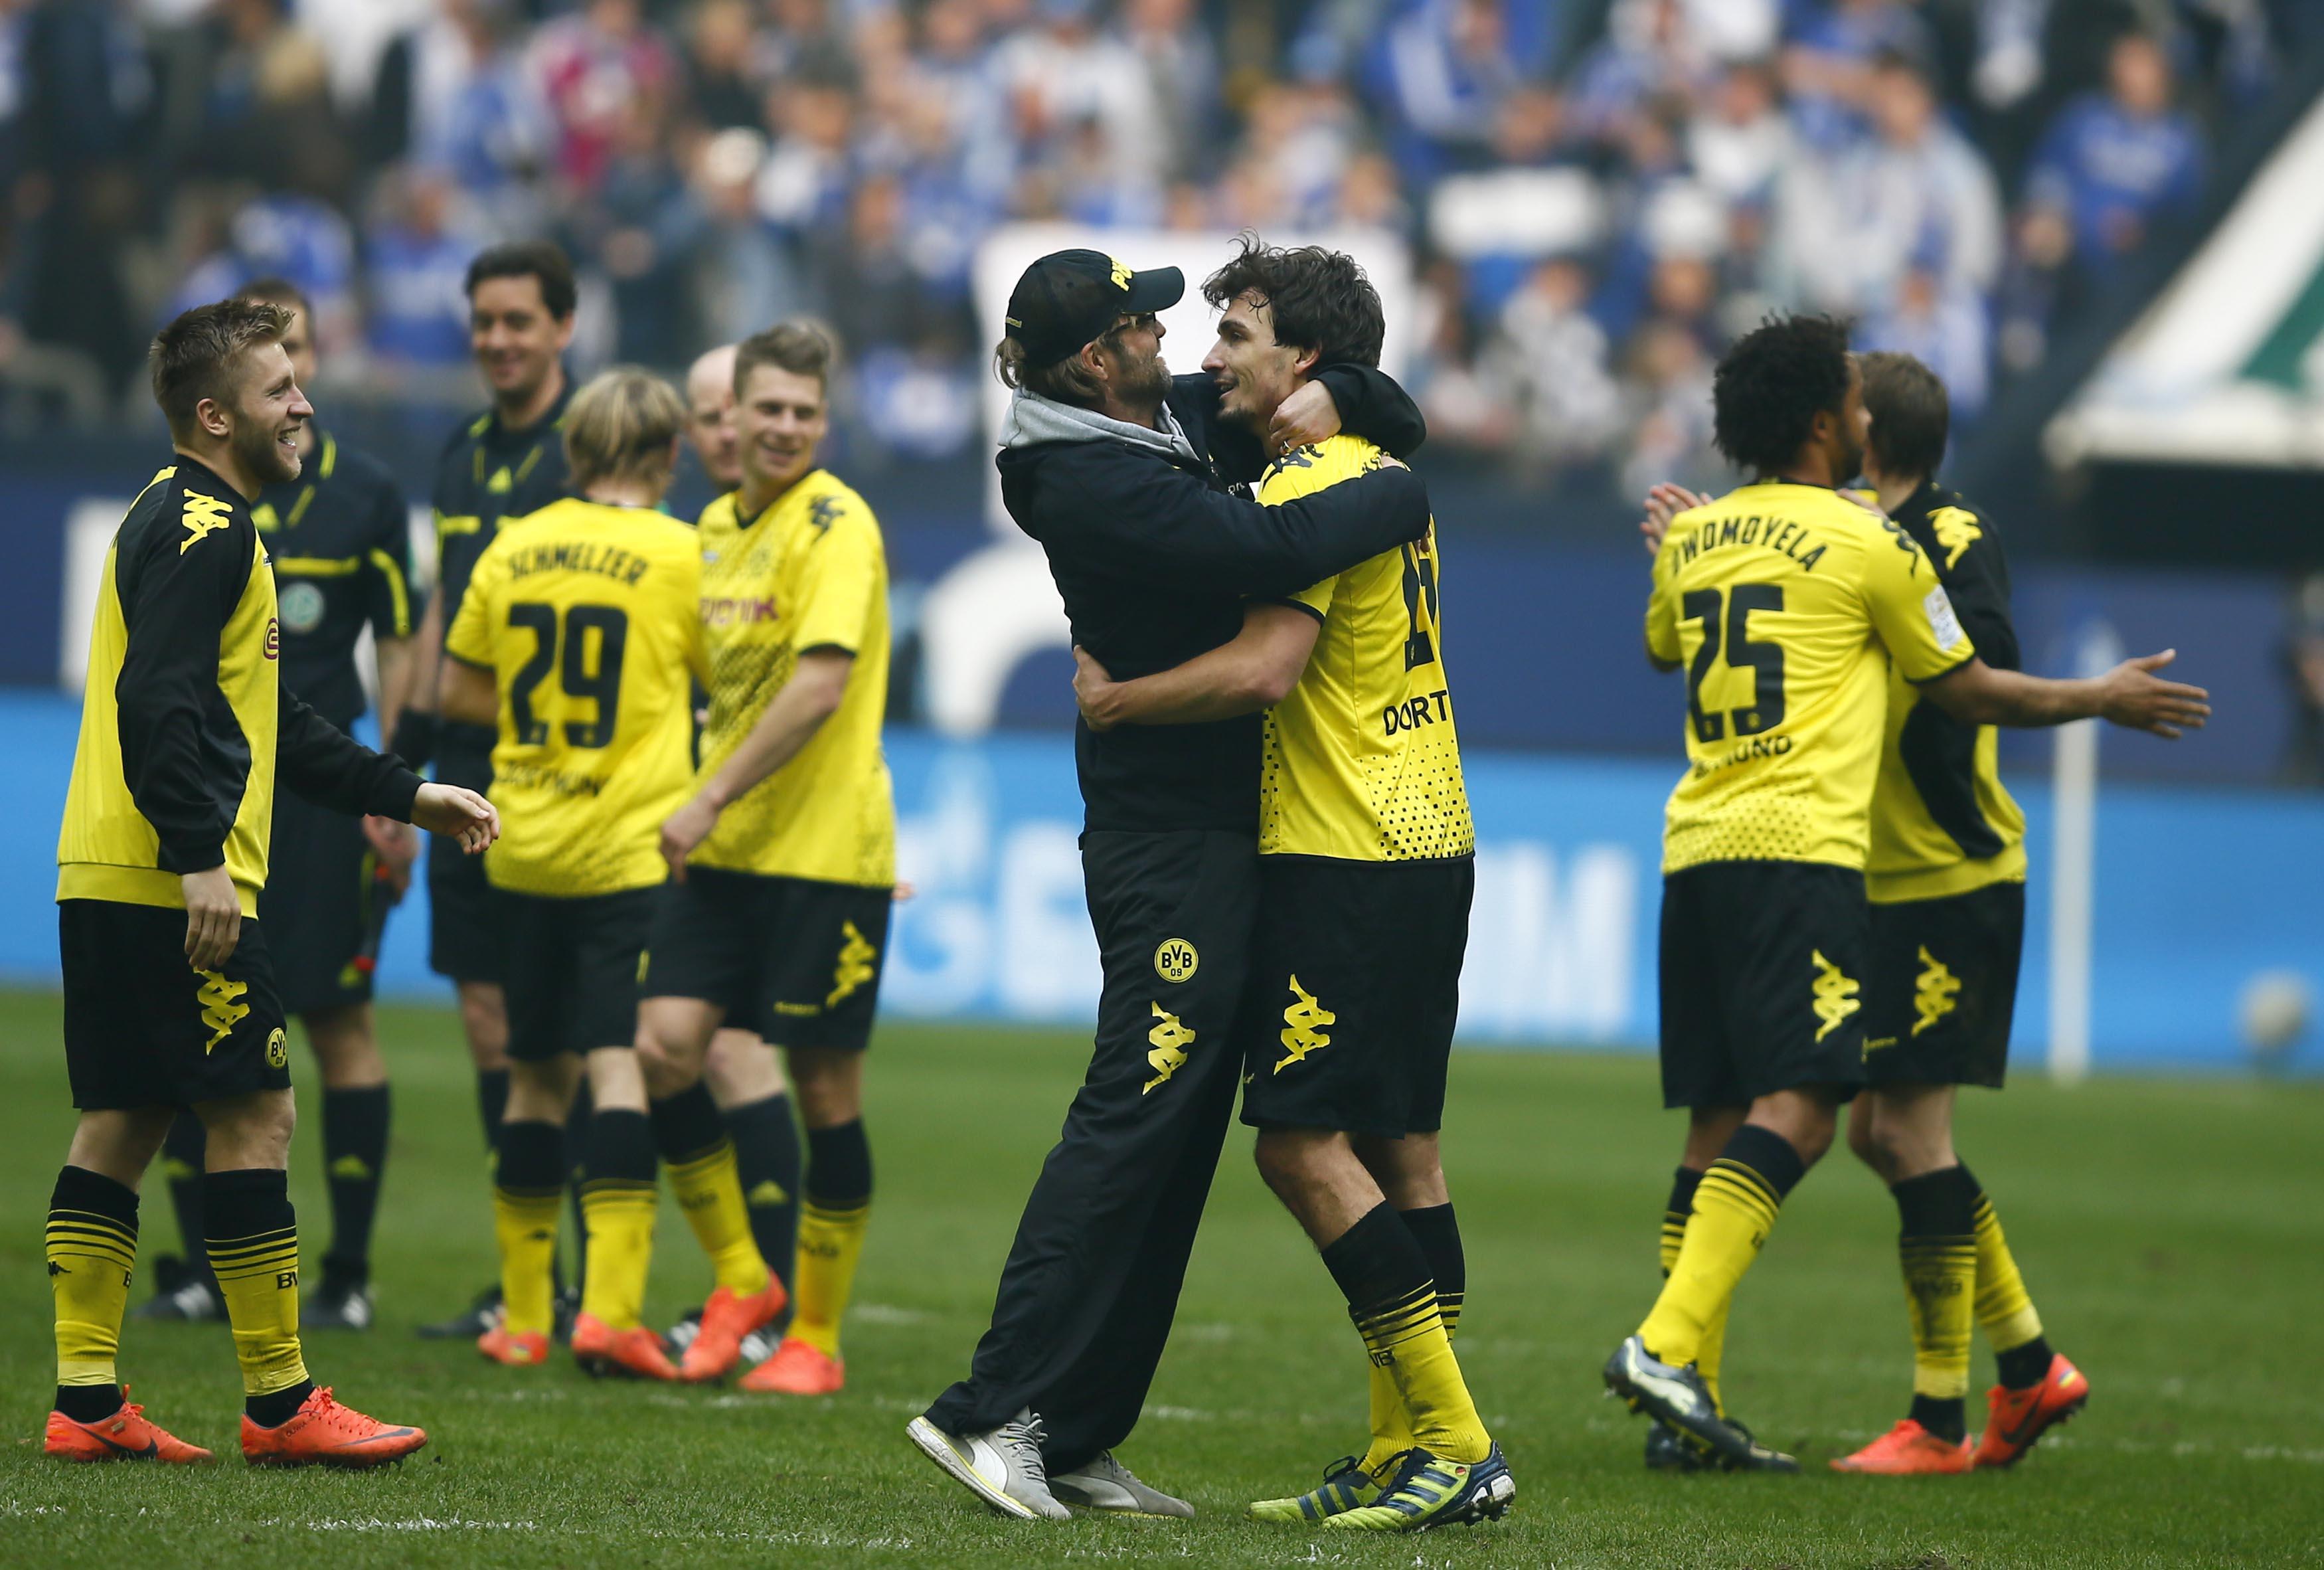 Ils giugaders da Borussia Dortmund sa legran da lur 2:1 cunter Schalke.